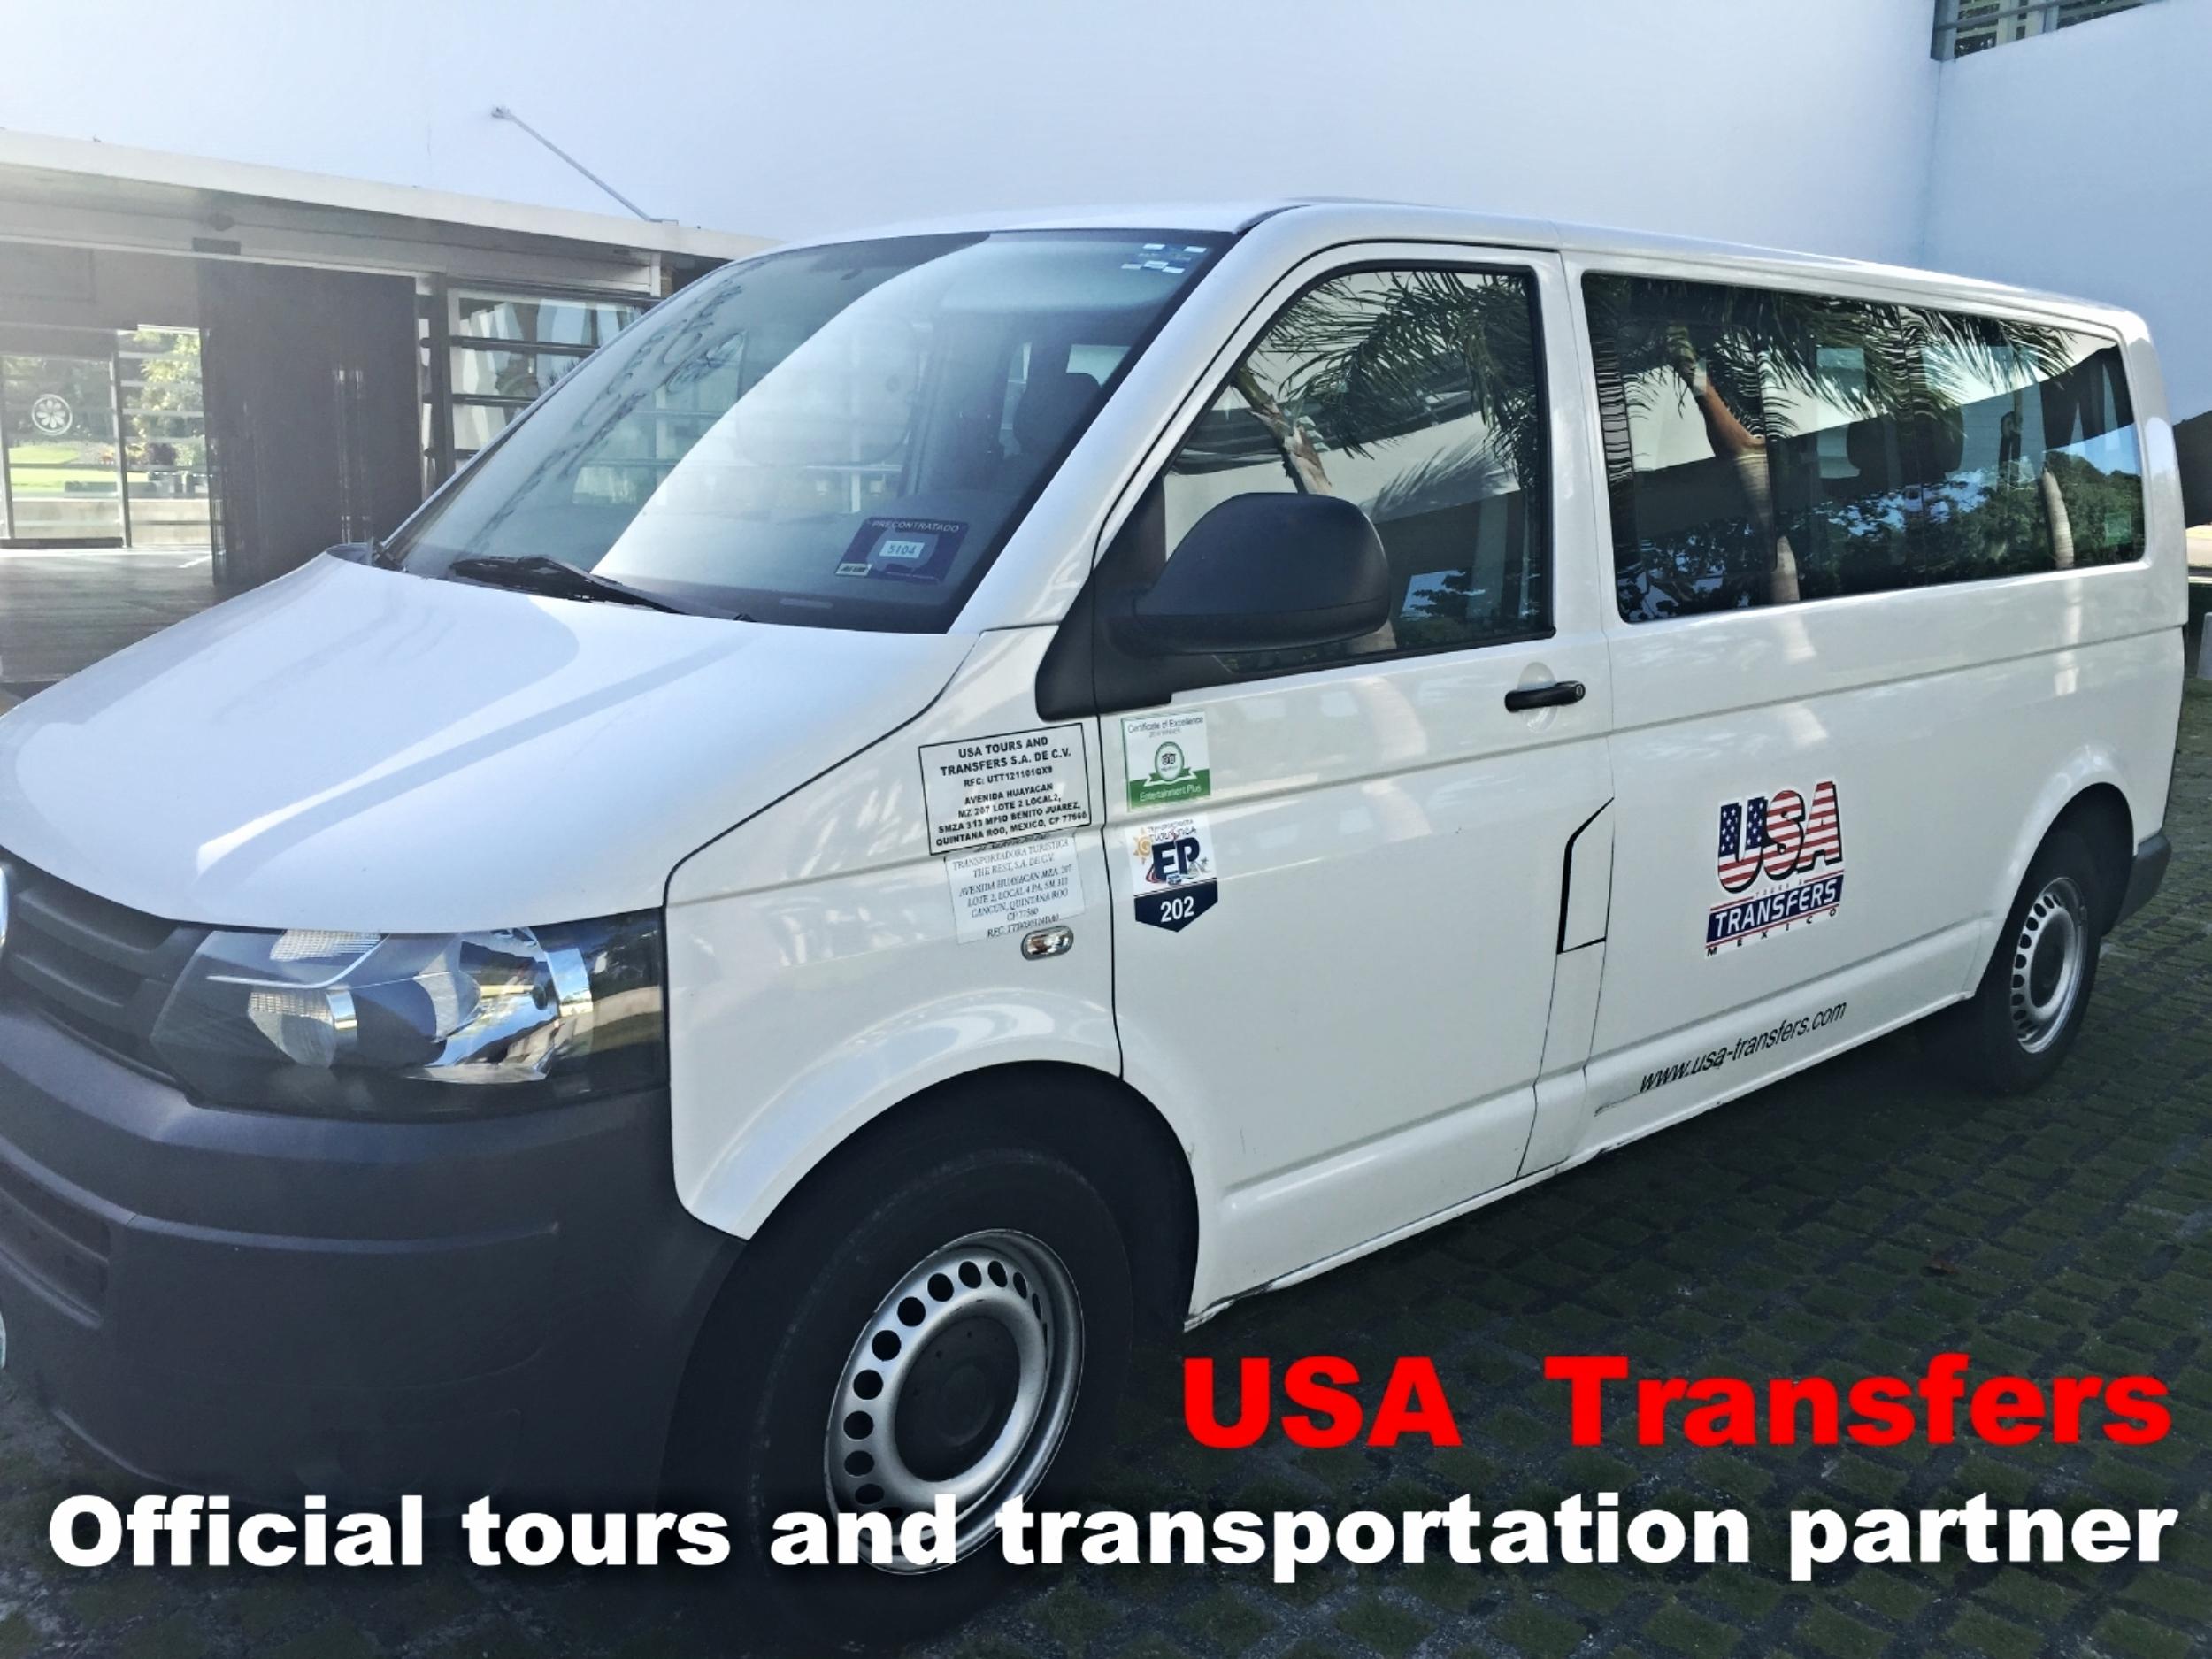 Link to USA Transfers, click.